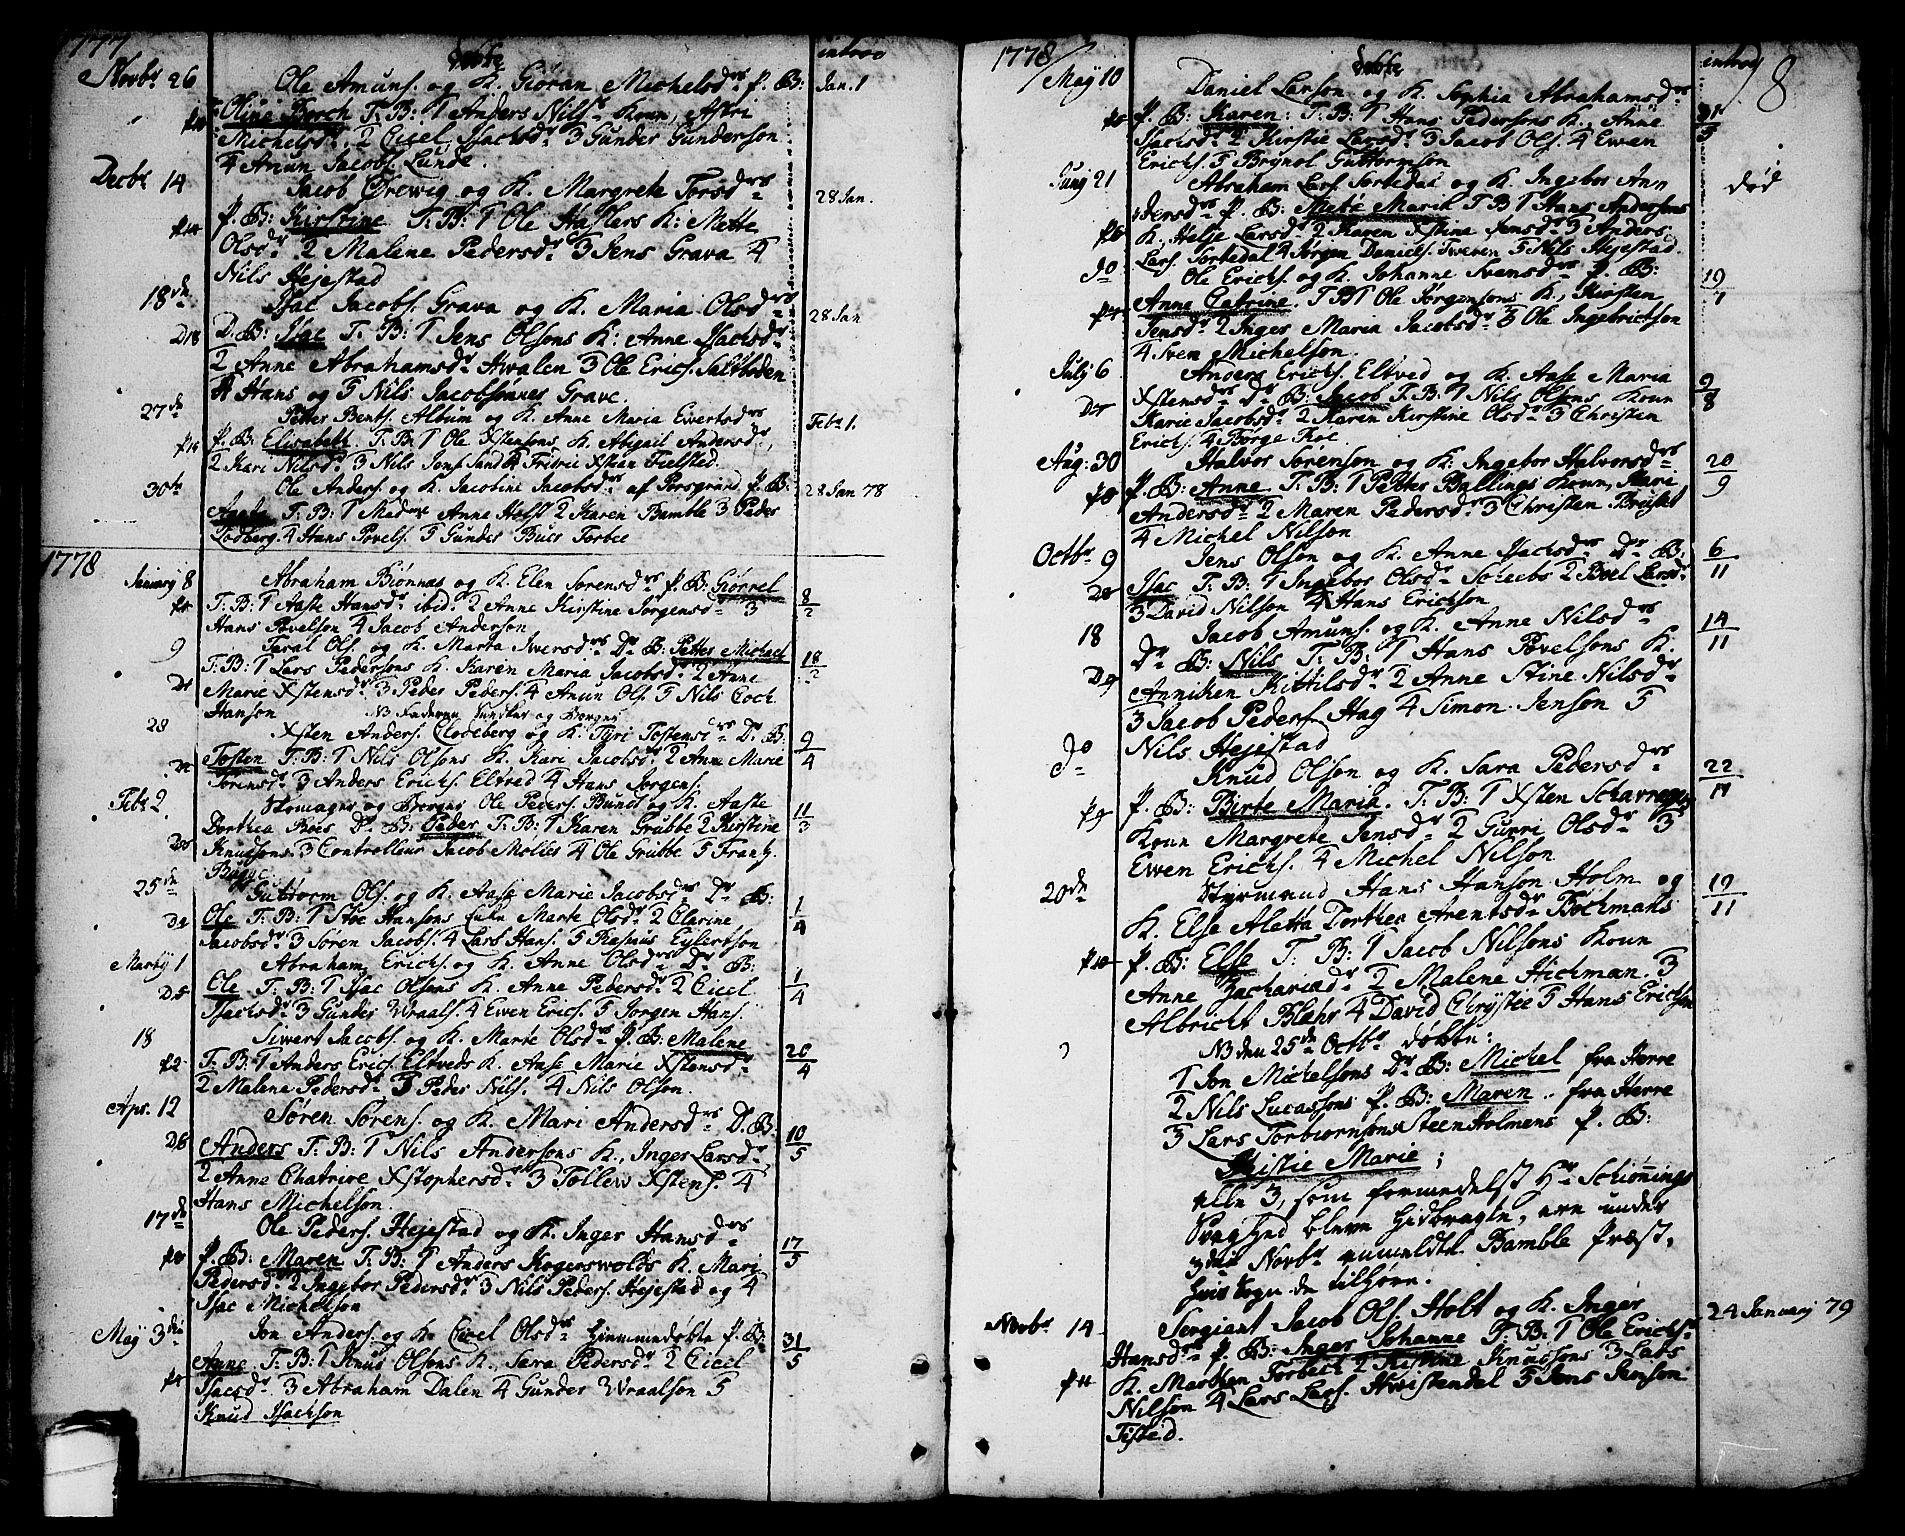 SAKO, Brevik kirkebøker, F/Fa/L0003: Ministerialbok nr. 3, 1764-1814, s. 18